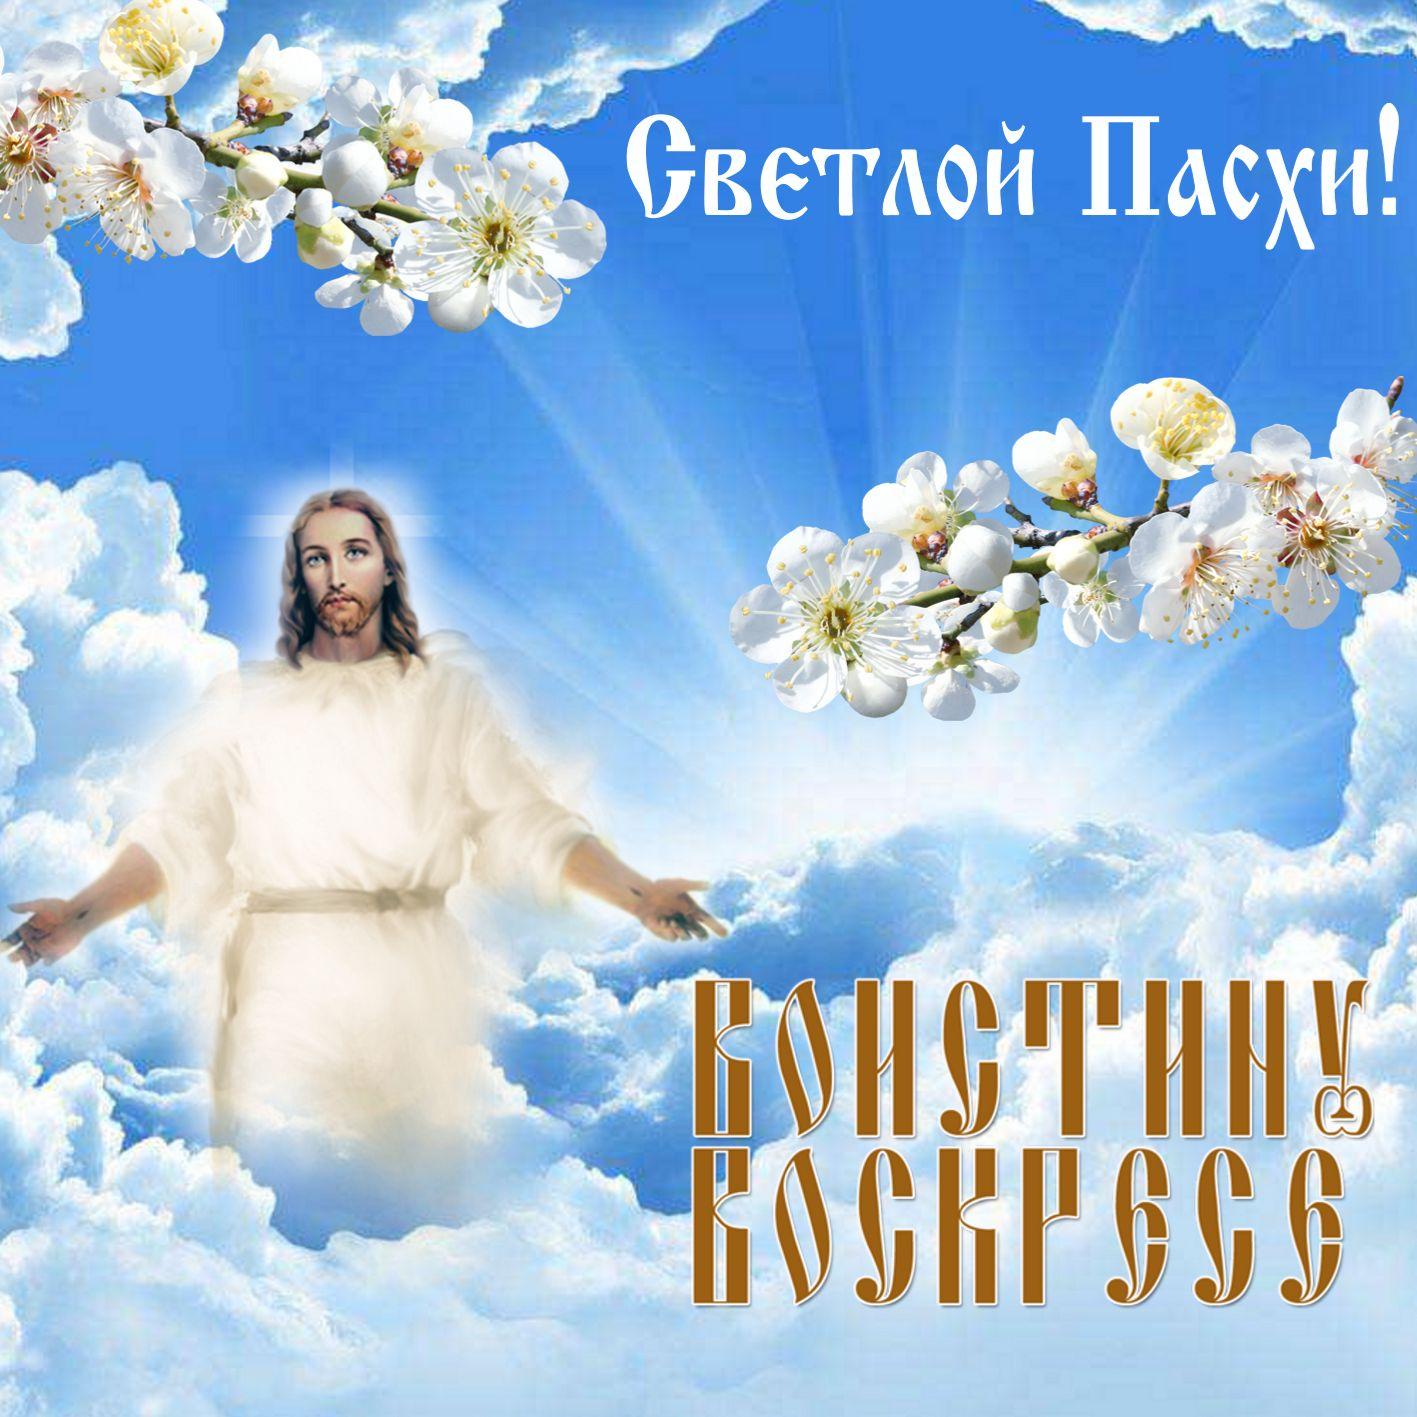 Со светлым днём Великой Пасхи!